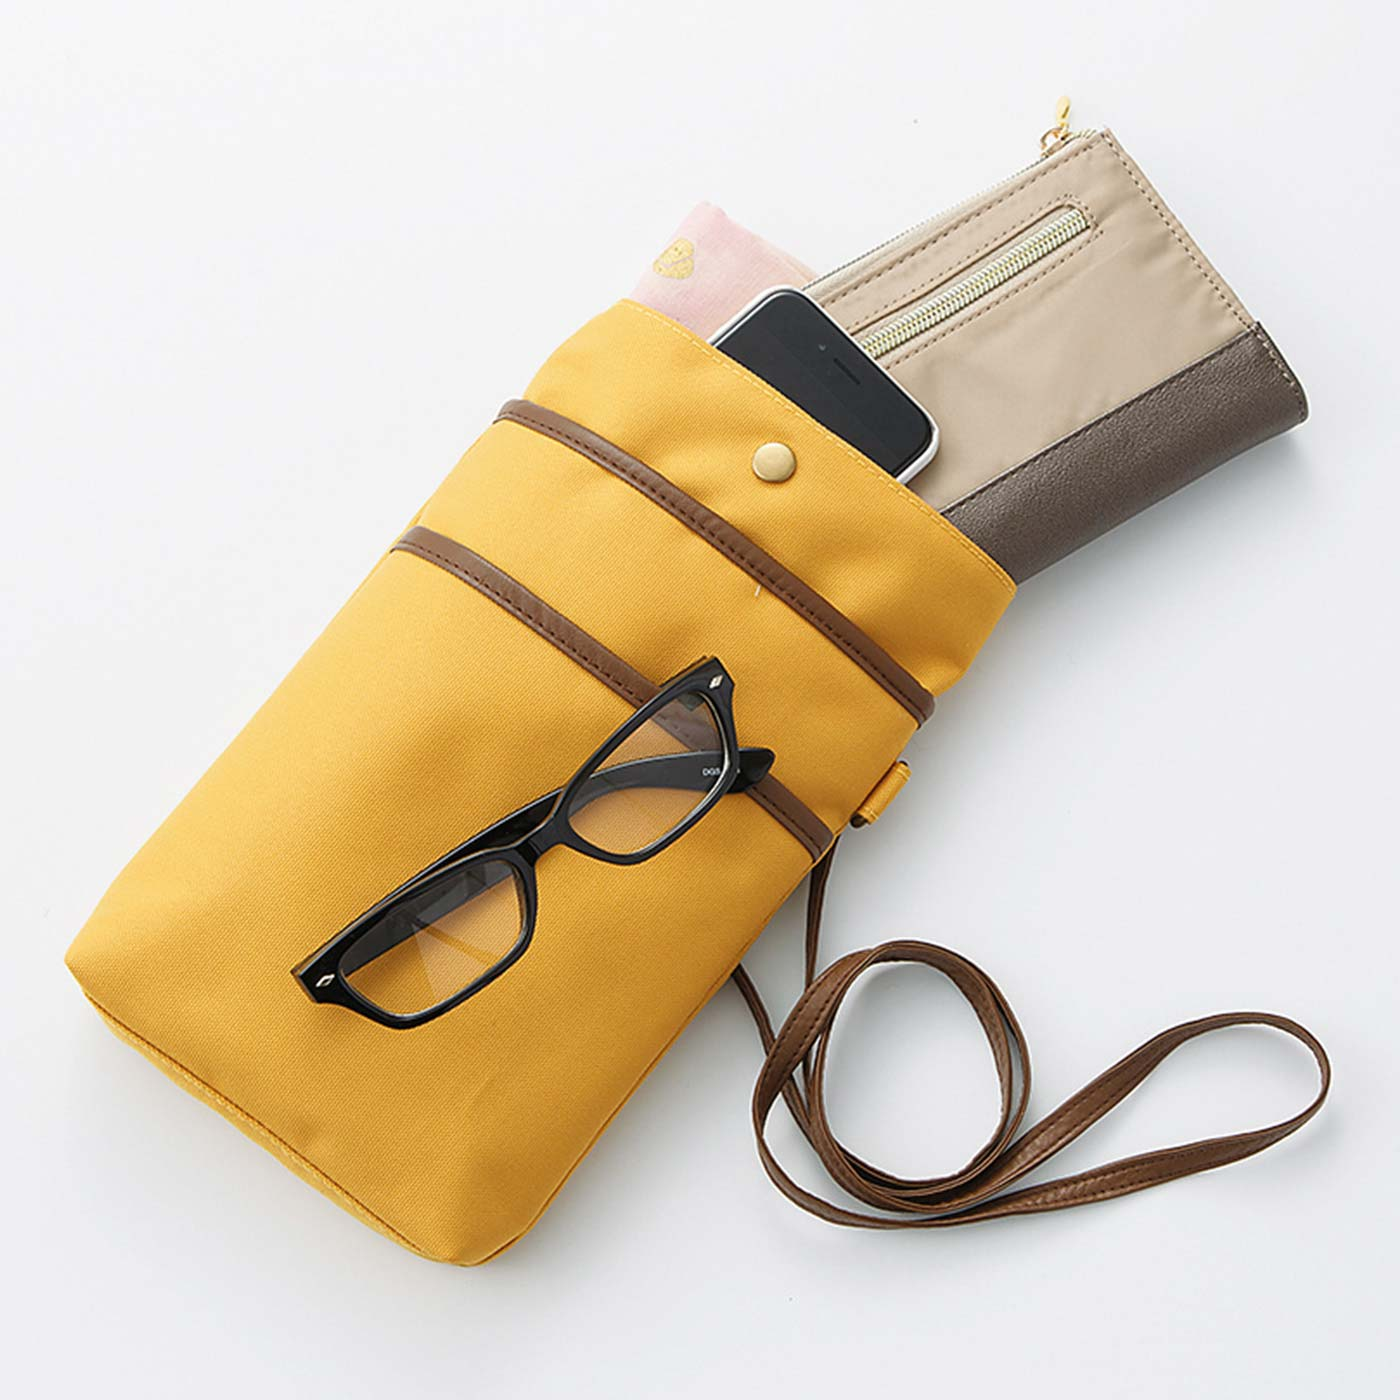 開口部の折り込み部分を伸ばすと、長財布も縦にすっぽり。